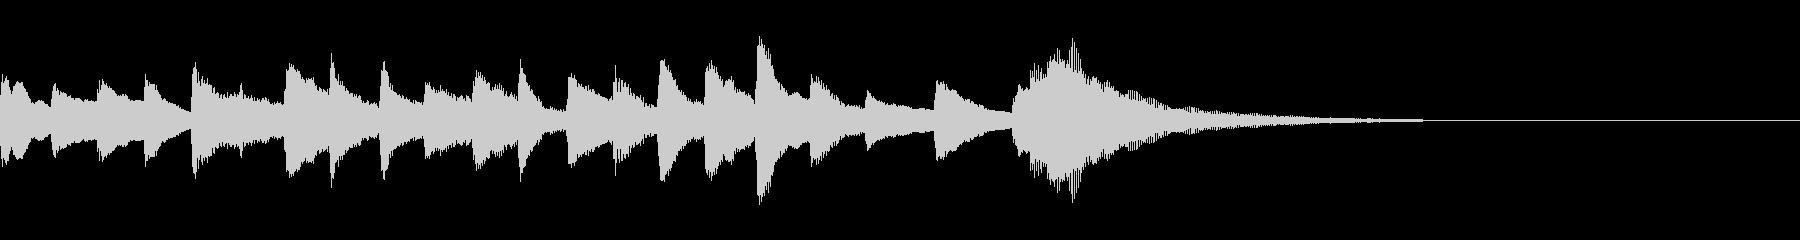 きれいなピアノのジングルの未再生の波形